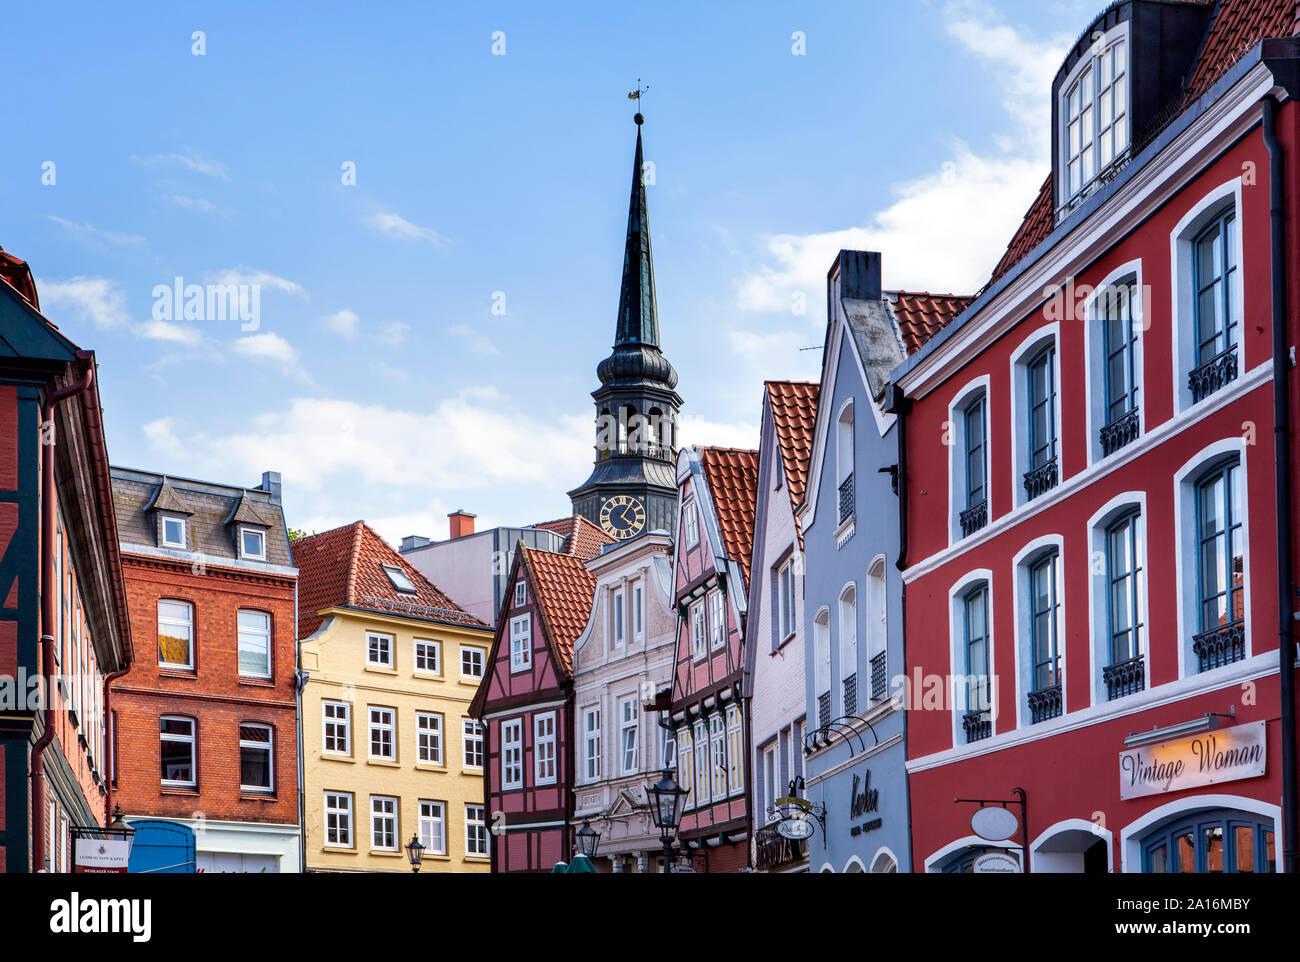 Maisons à pans de bois à l'ancien port hanséatique, Stade, Basse-Saxe, Allemagne, Europe Banque D'Images